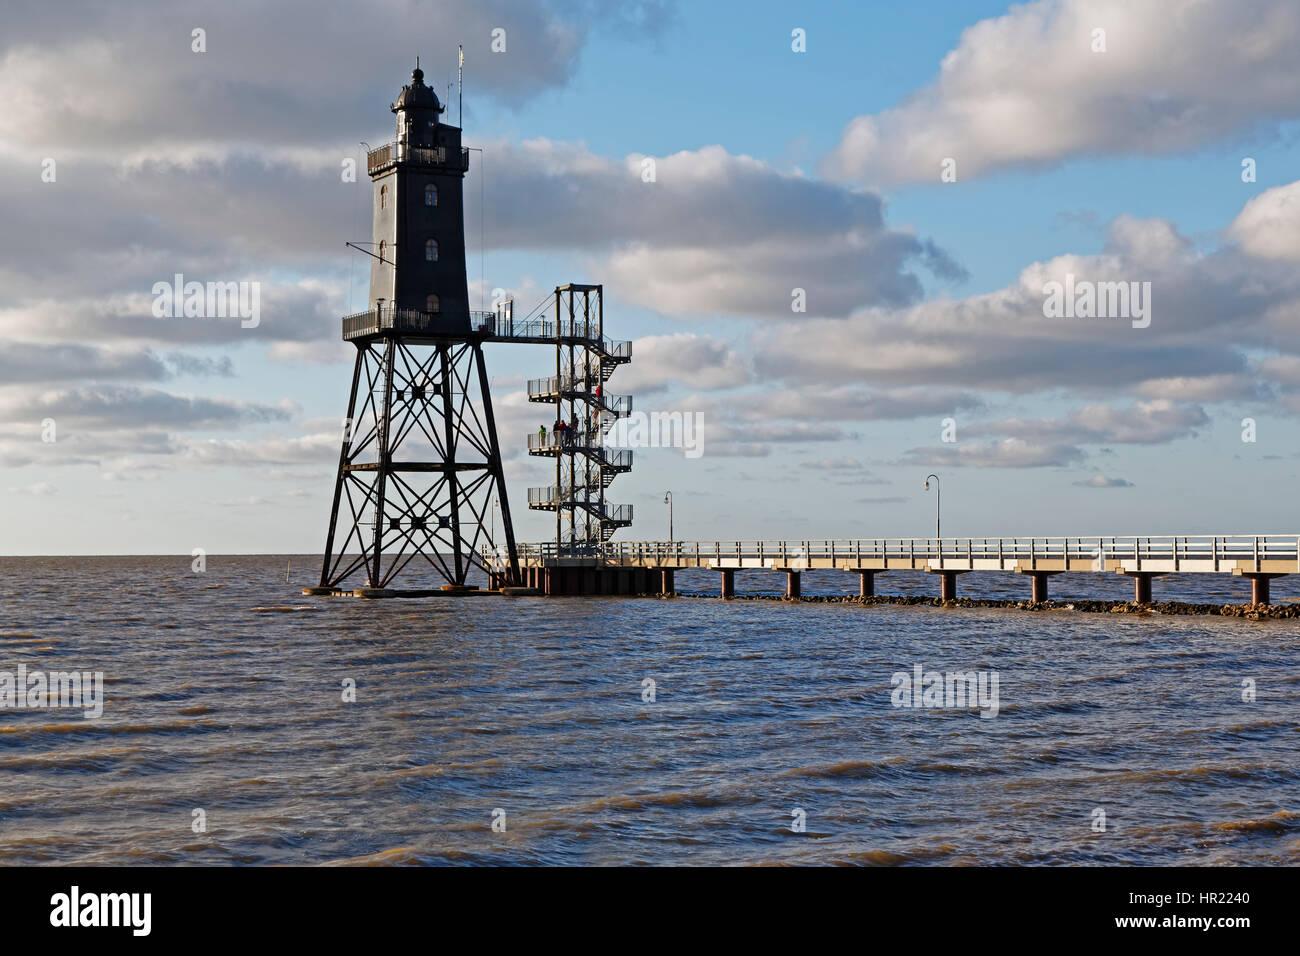 Lighthouse Obereversand, fishing port of Dorum-Neufe - Stock Image